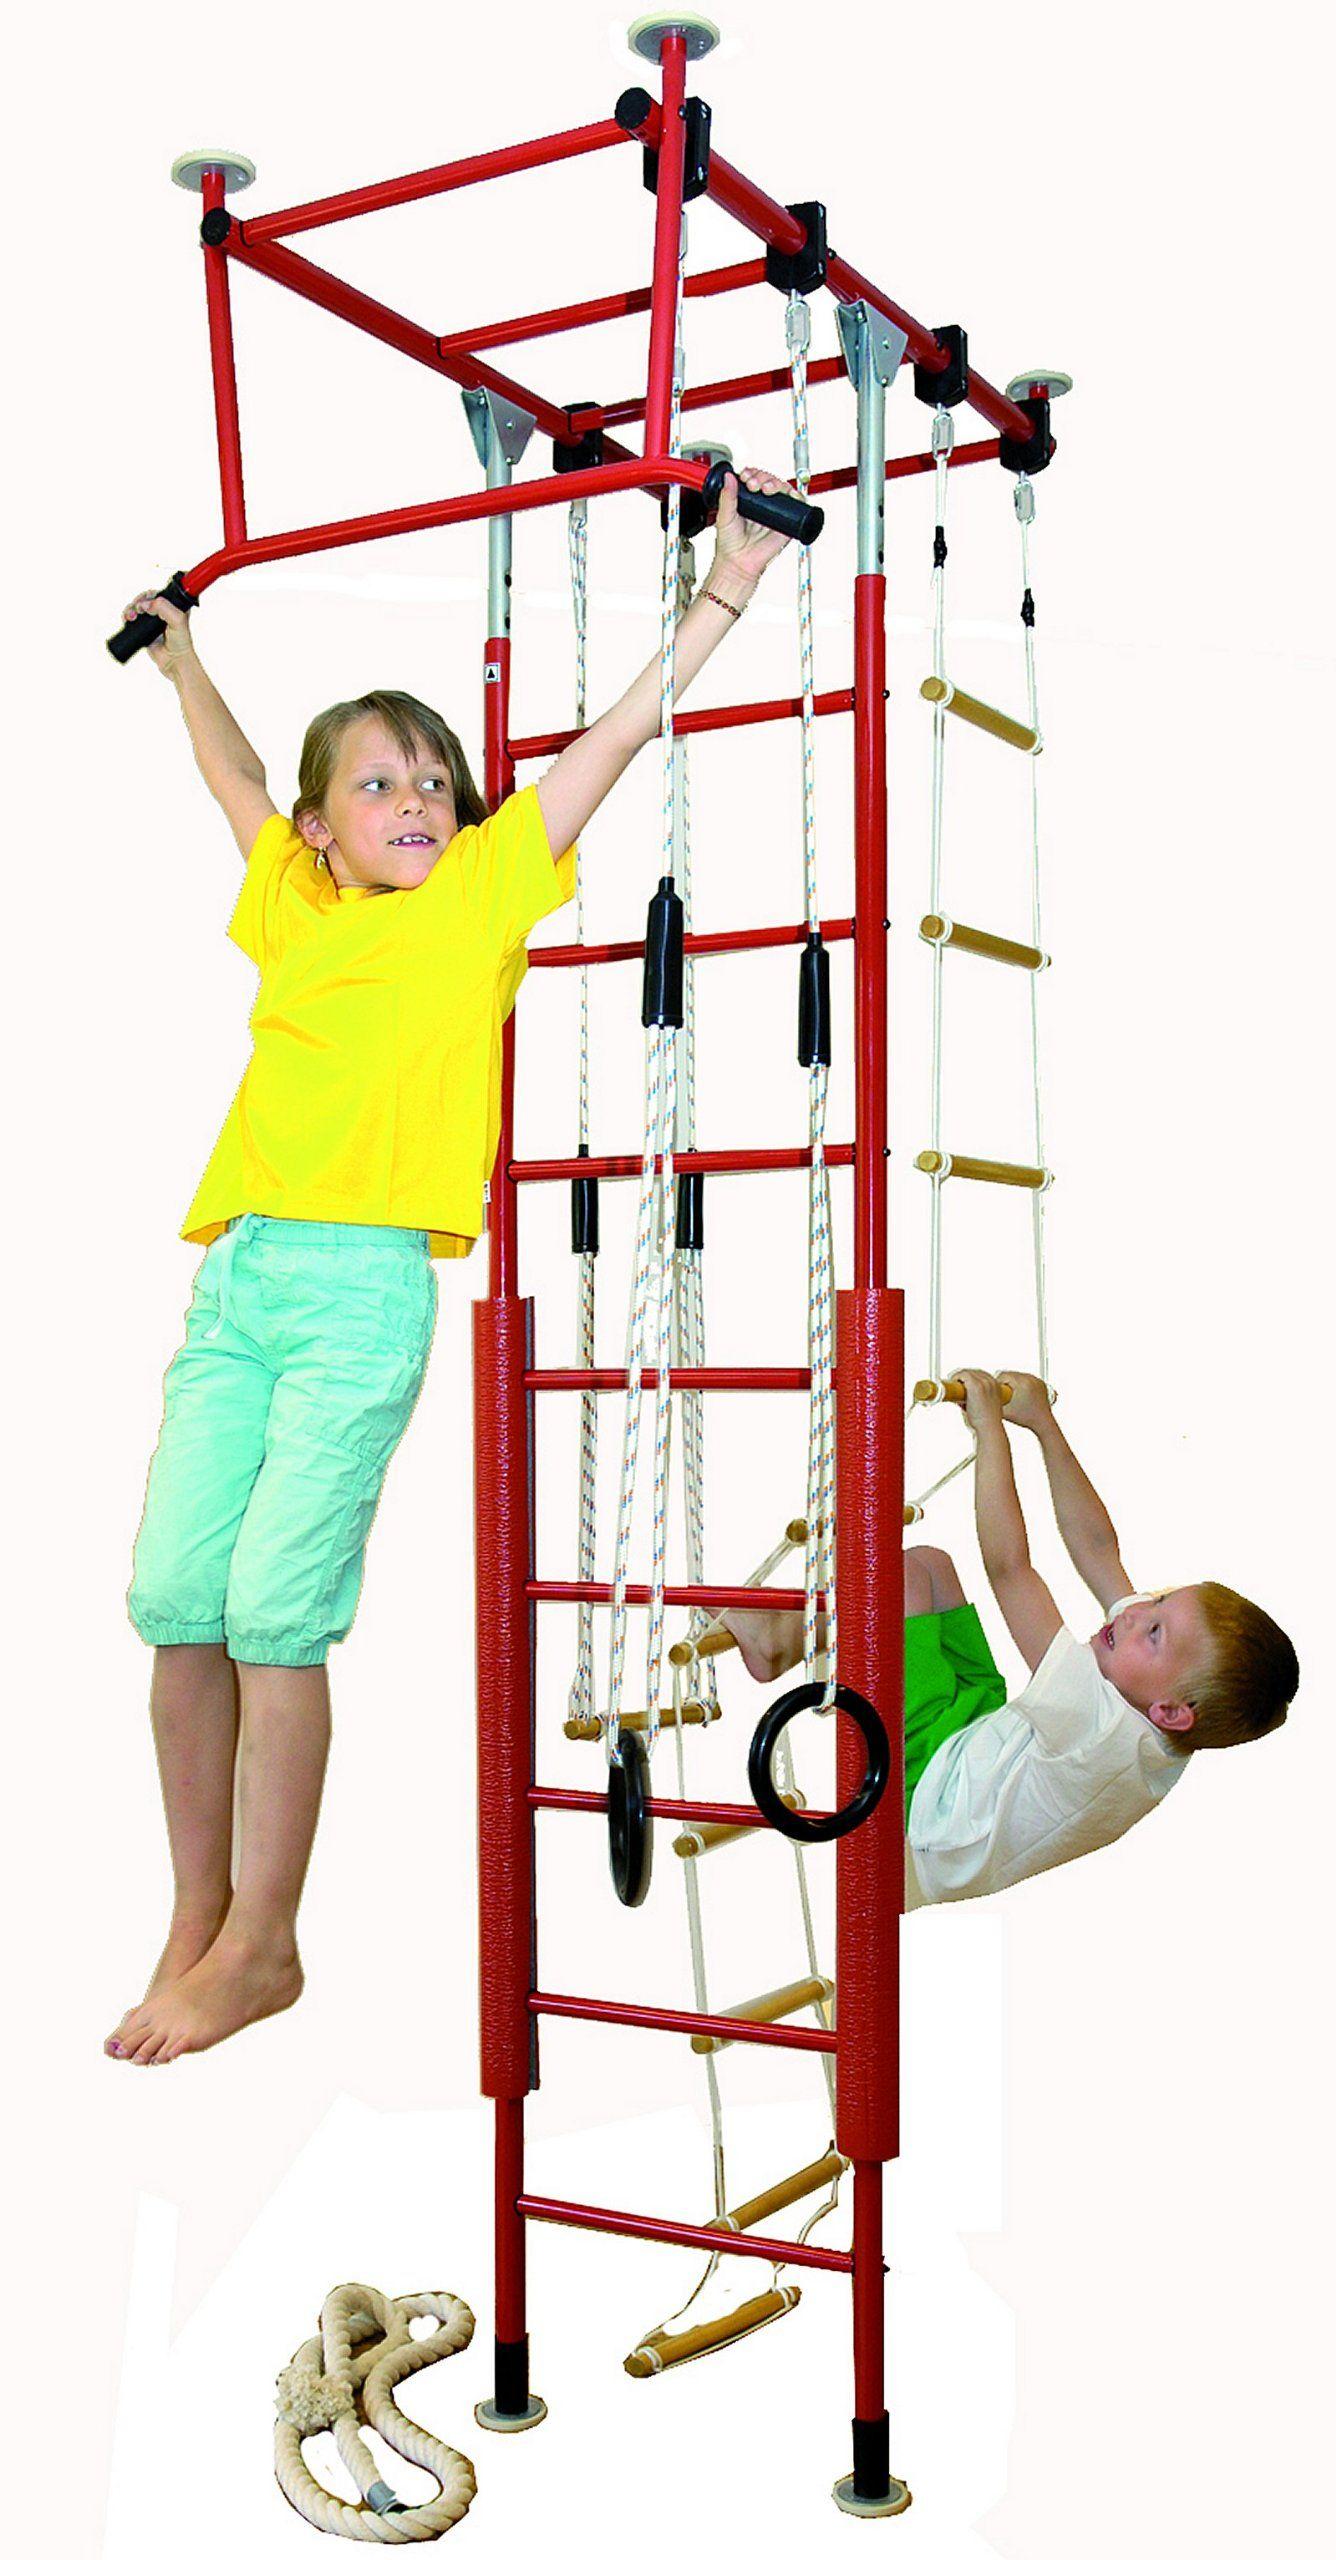 Fabulous Kletterdschungel Sprossenwand Indoor Kletterger st in vielen Varianten und Farben einfarbig Amazon